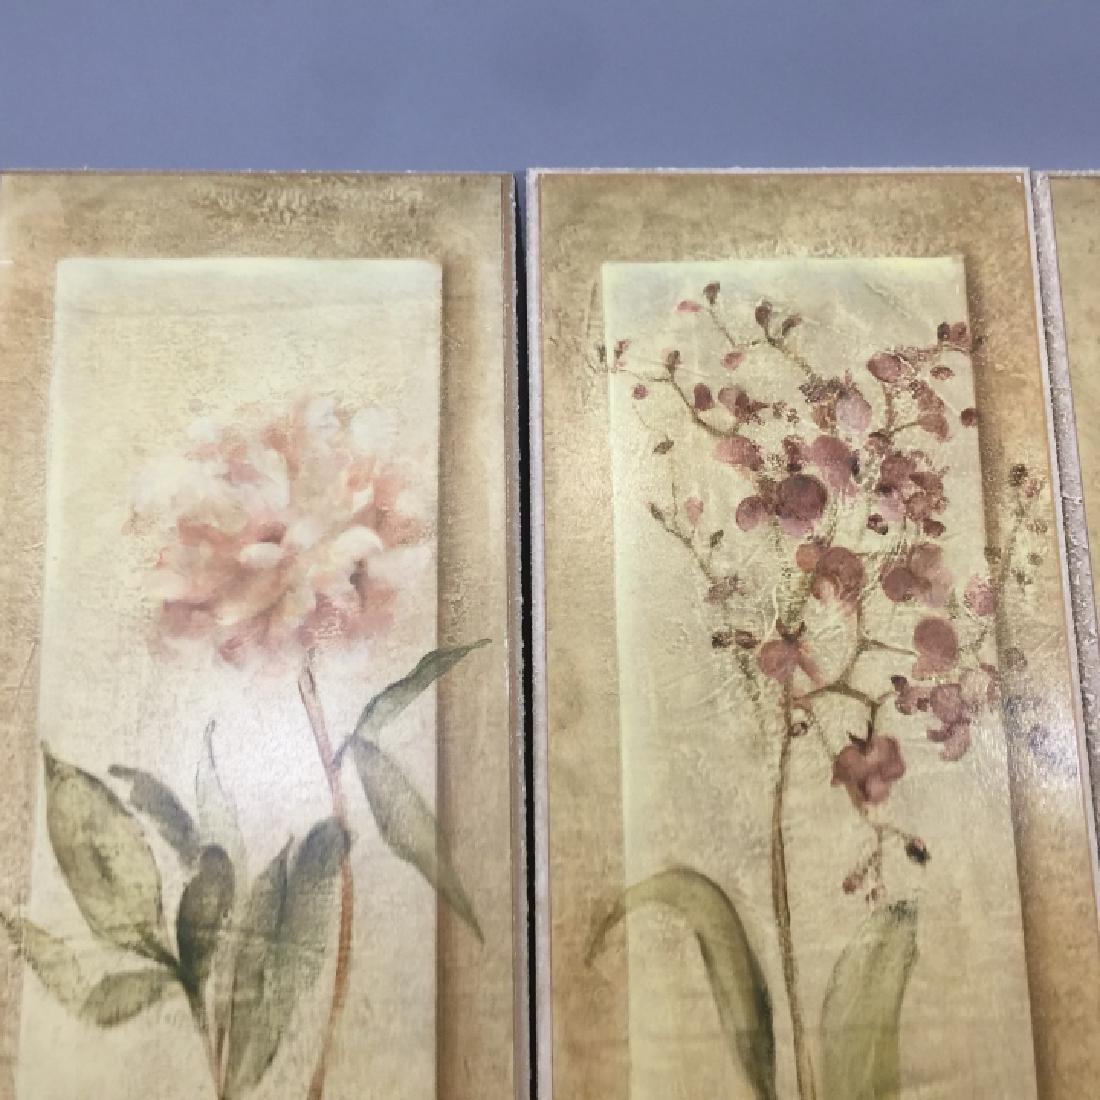 4 Decorative Art Botanical Painted Pieces - 5